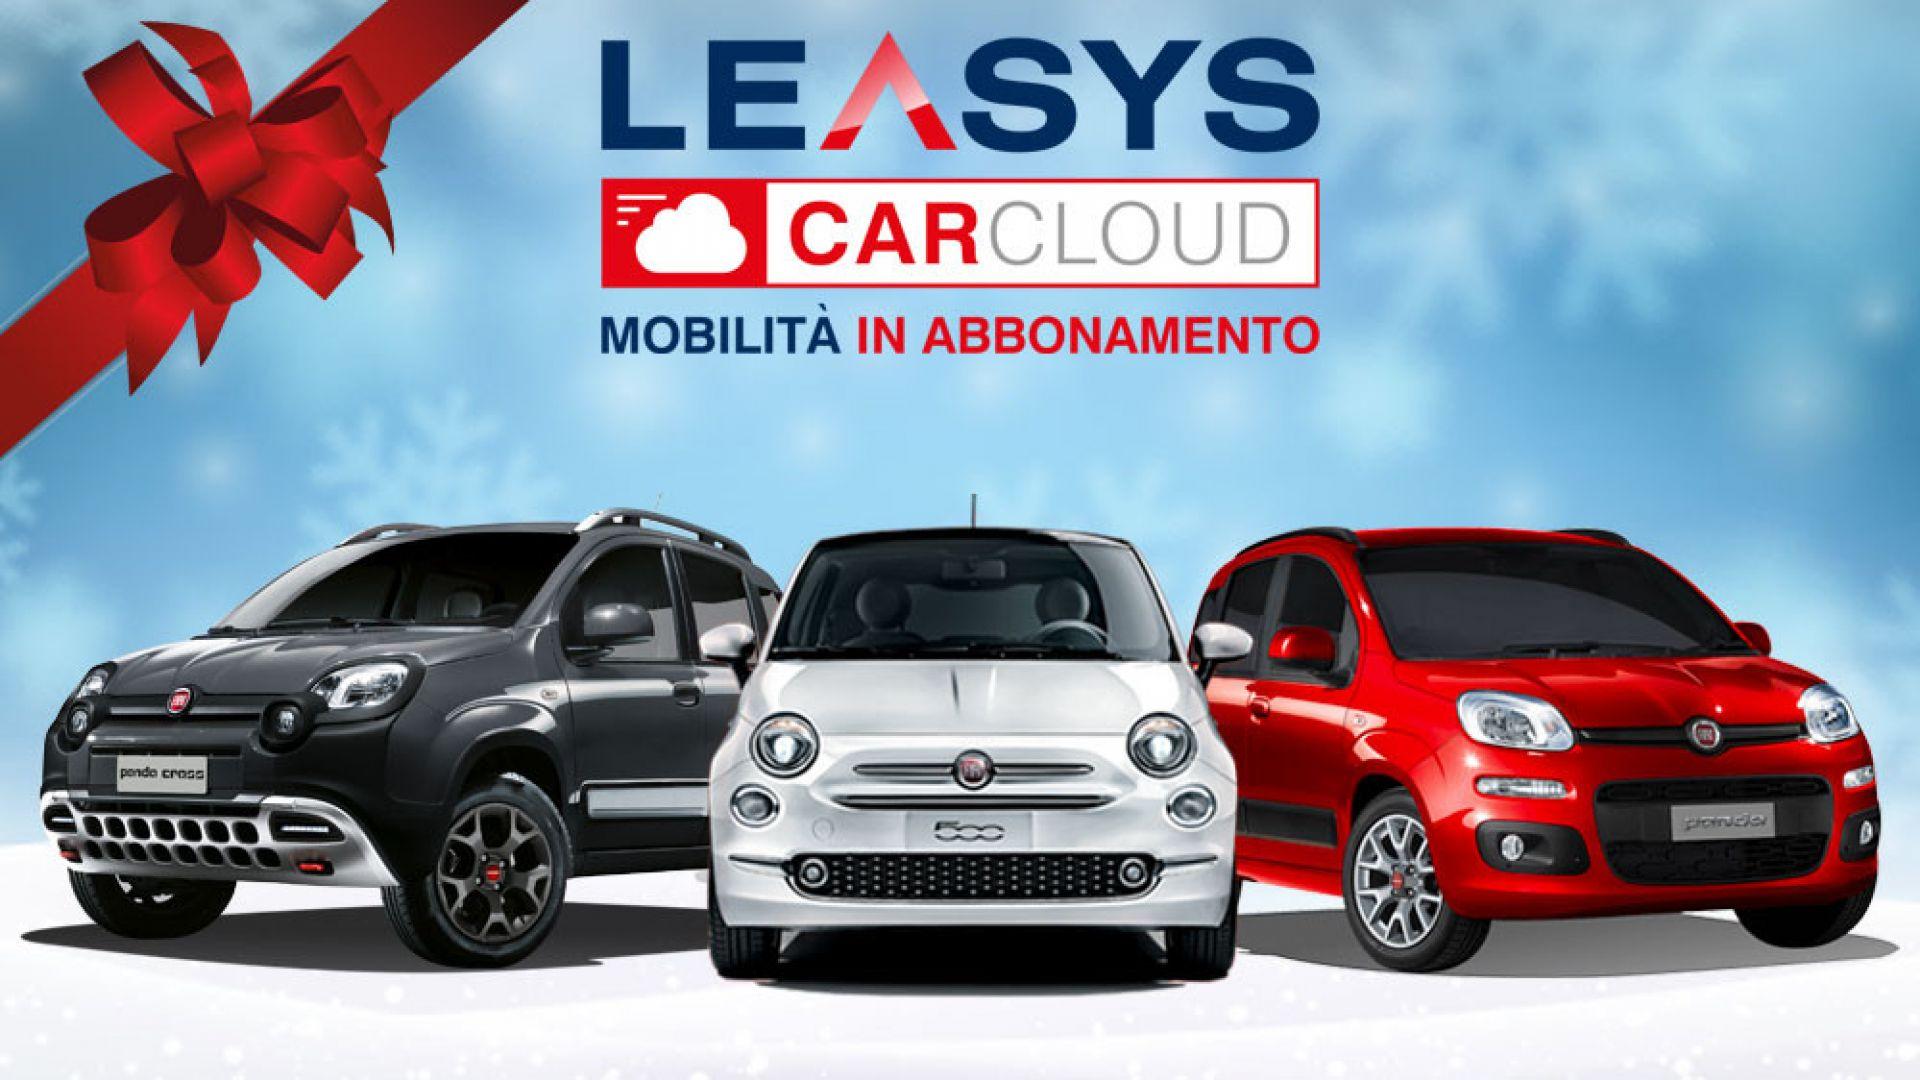 Leasys CarCloud: come funziona e quanto costa il noleggio